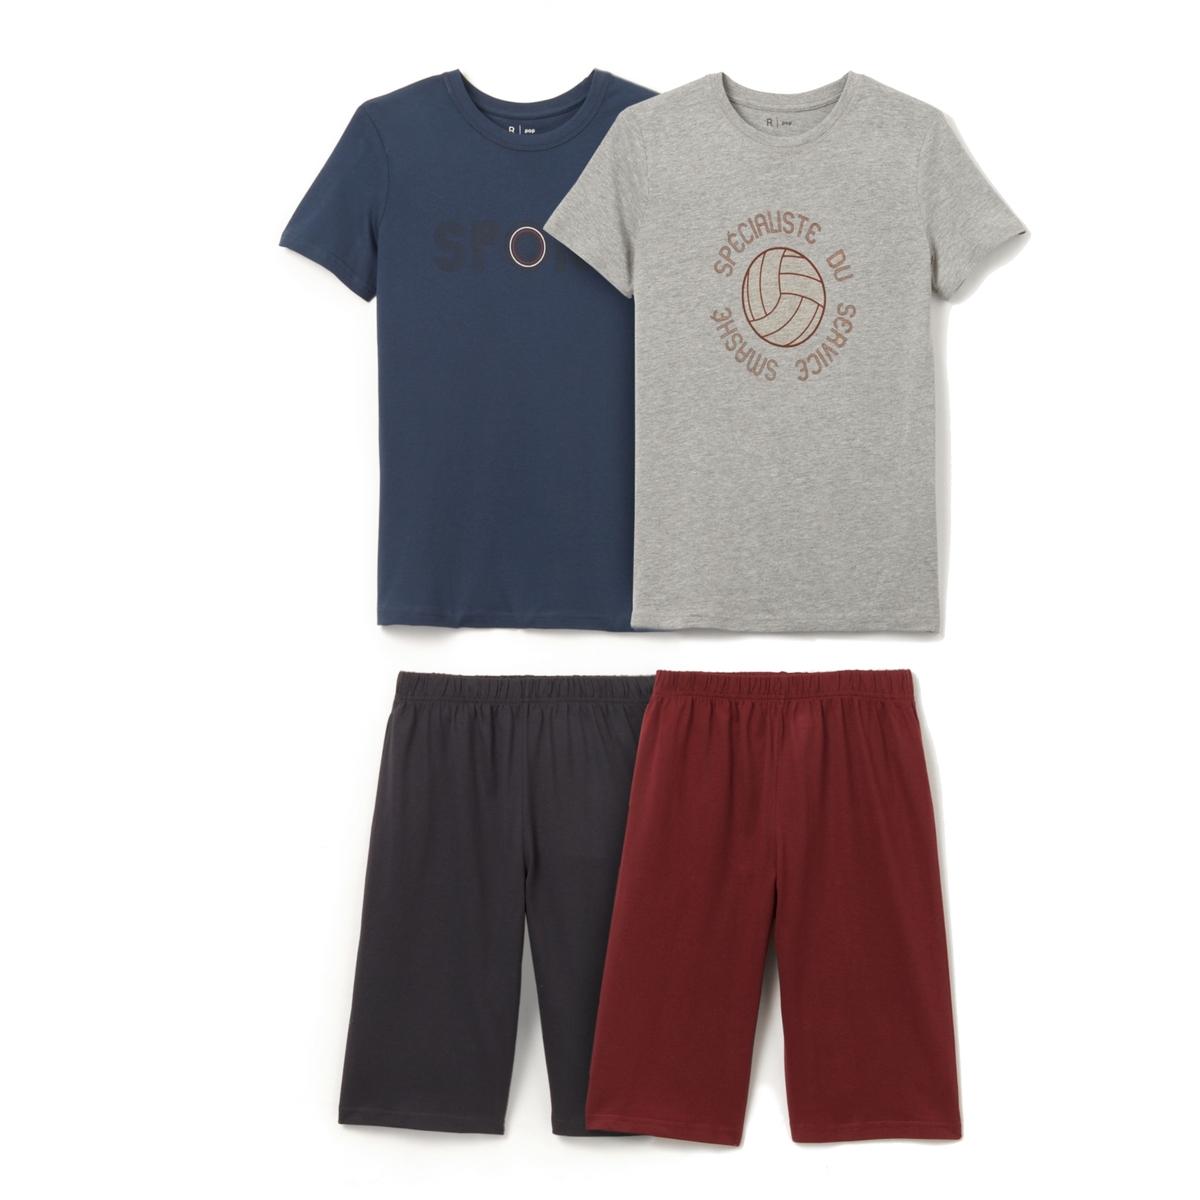 2 пижамы с принтом 10-16 летПижама: футболка с короткими рукавами и шорты. В комплекте 2 пижамы : Футболкии с разными рисунками . Однотонные шорты на эластичном поясе.Состав и описание :    Материал       Джерси 85% хлопка, 15% вискозы   Уход: : - Машинная стирка при 30°C с вещами схожих цветов. Стирка и глажка с изнаночной стороны. Машинная сушка в умеренном режиме. Гладить на низкой температуре.<br><br>Цвет: серый меланж + синий<br>Размер: 12 лет -150 см.16 лет - 174 см